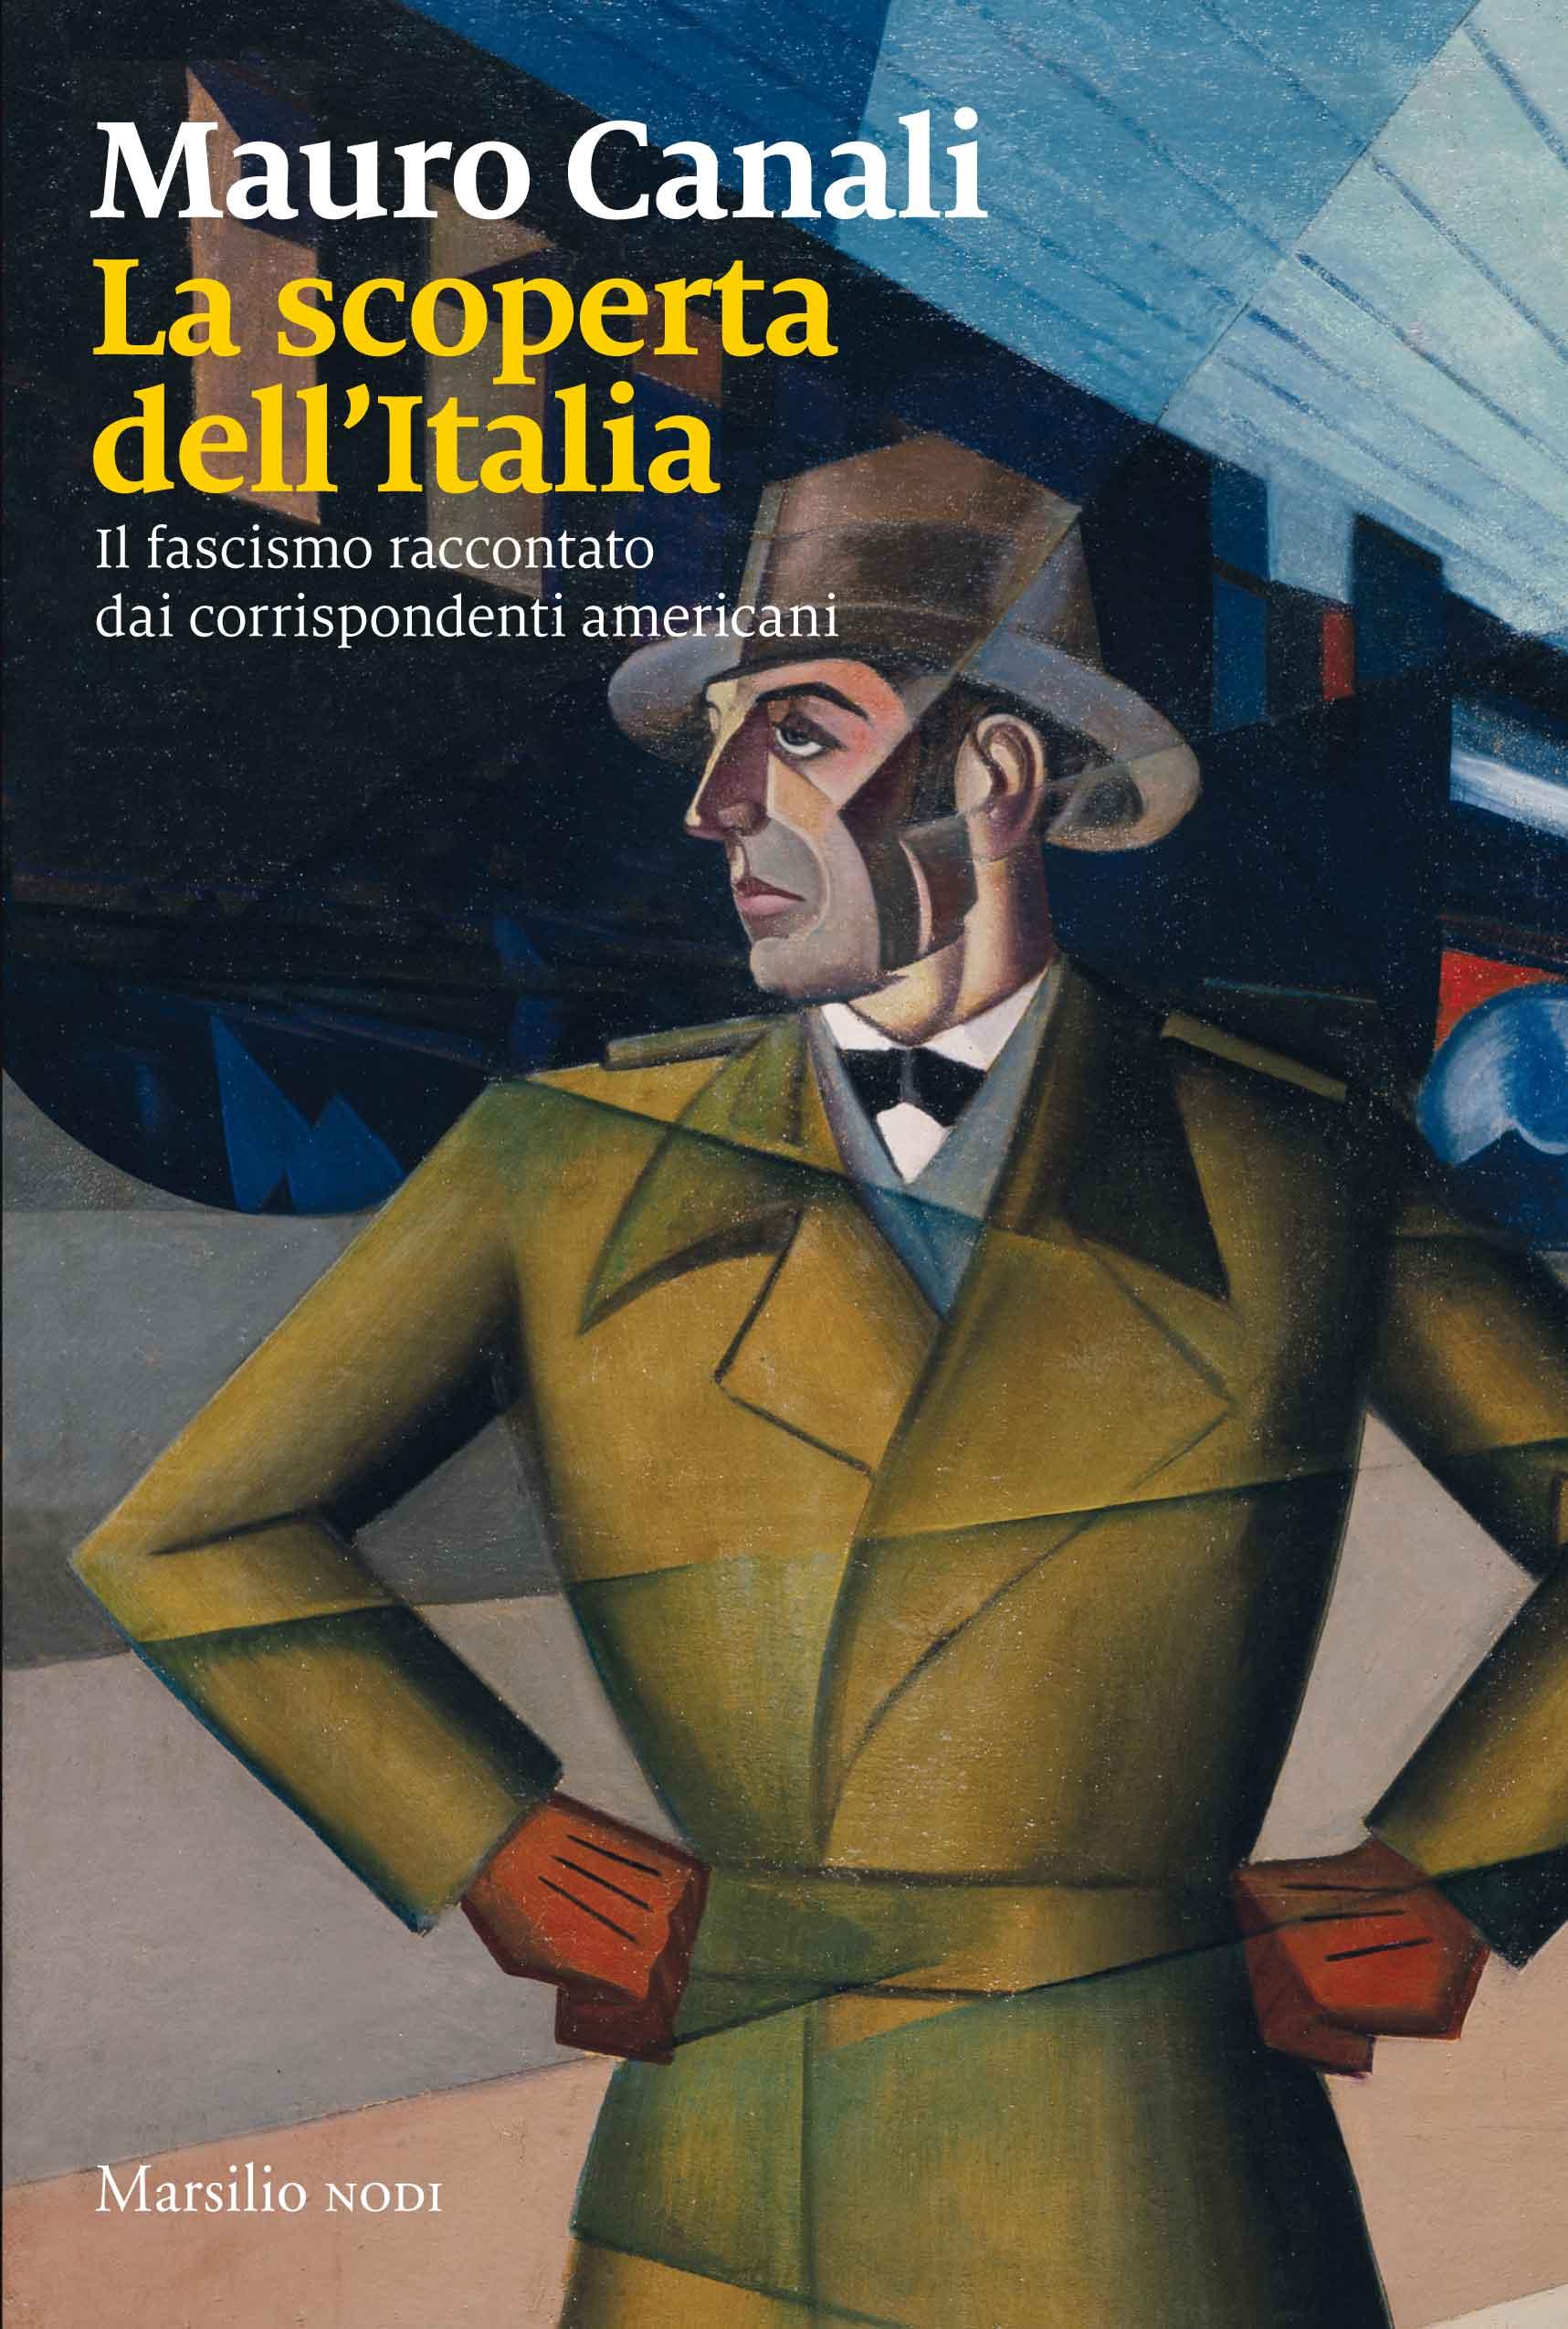 La scoperta dell'Italia